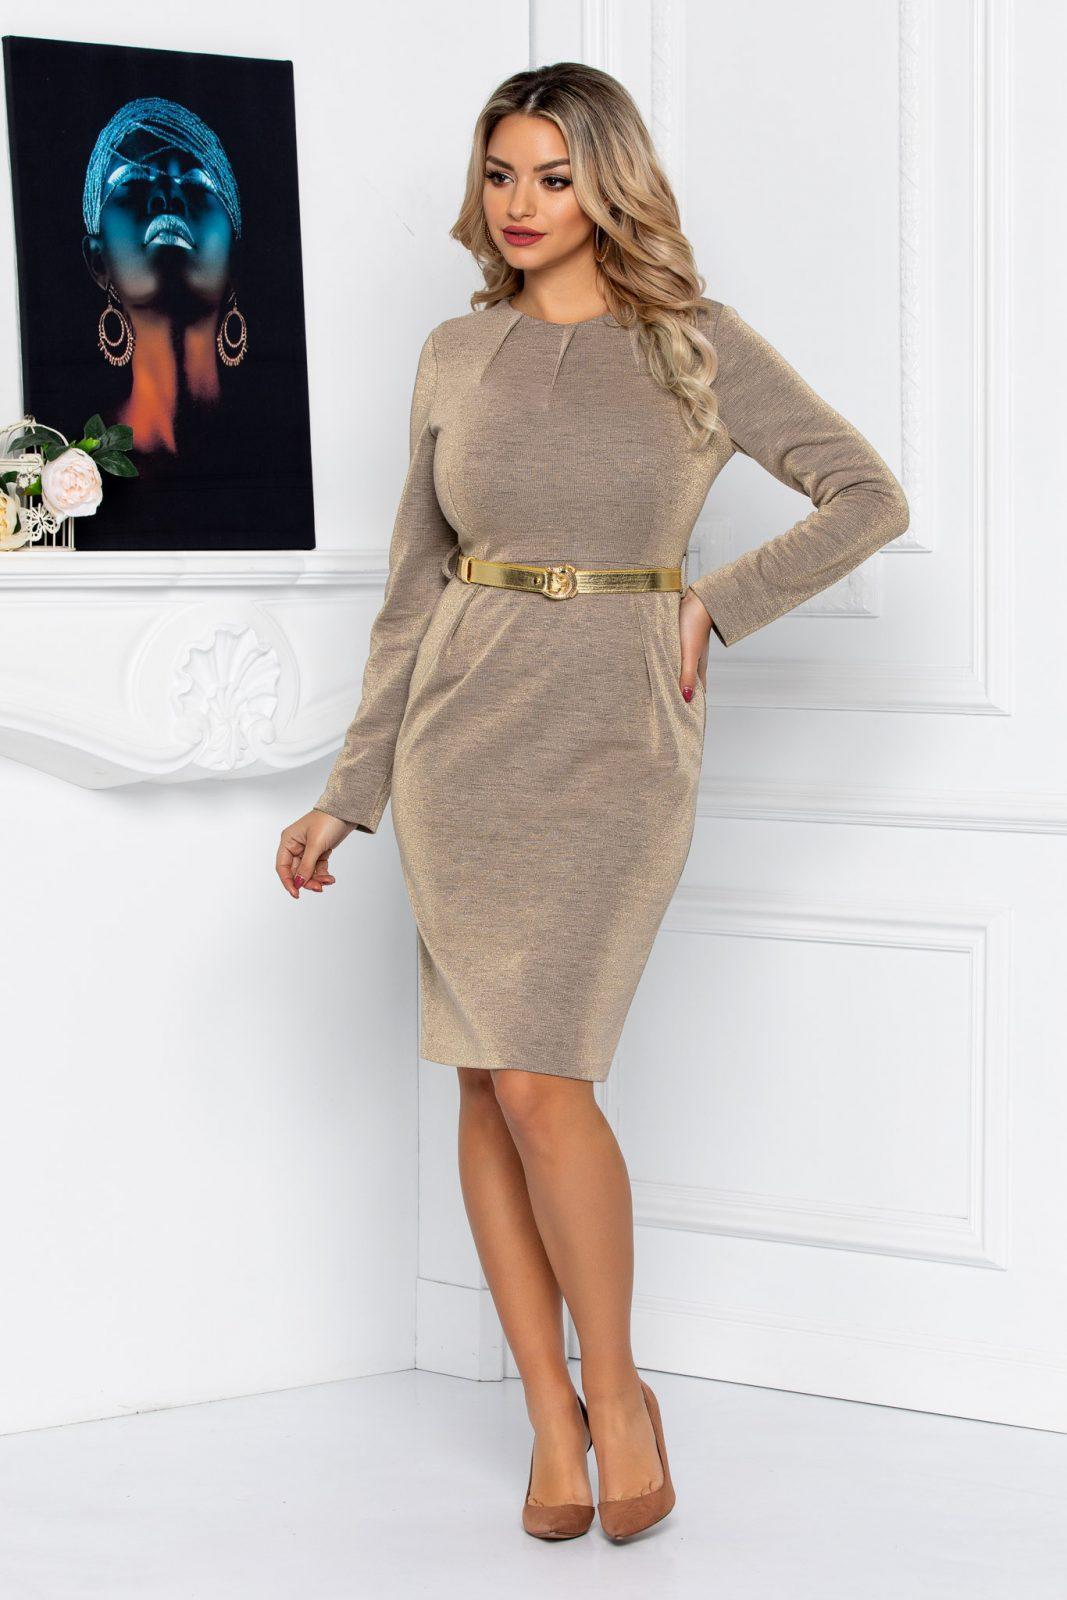 Camy Beige Dress